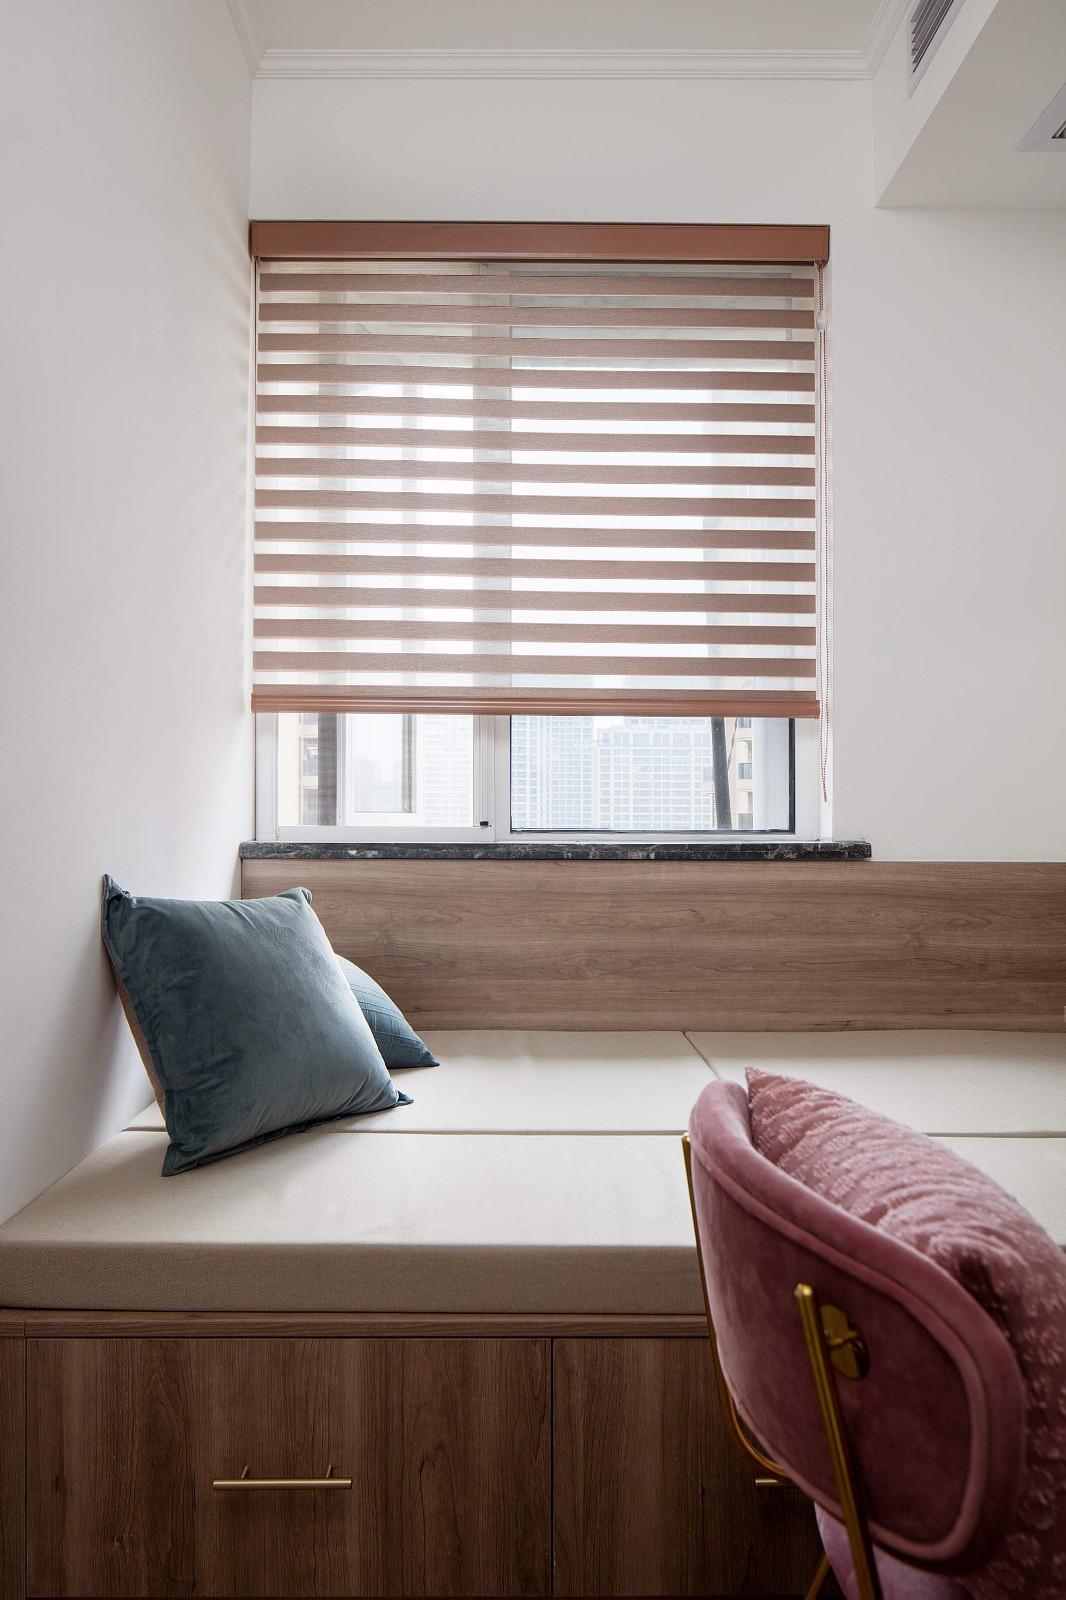 榻榻米设计一屋多用,不仅可以满足收纳,看书学习累了也能休息一会儿,非常实用。